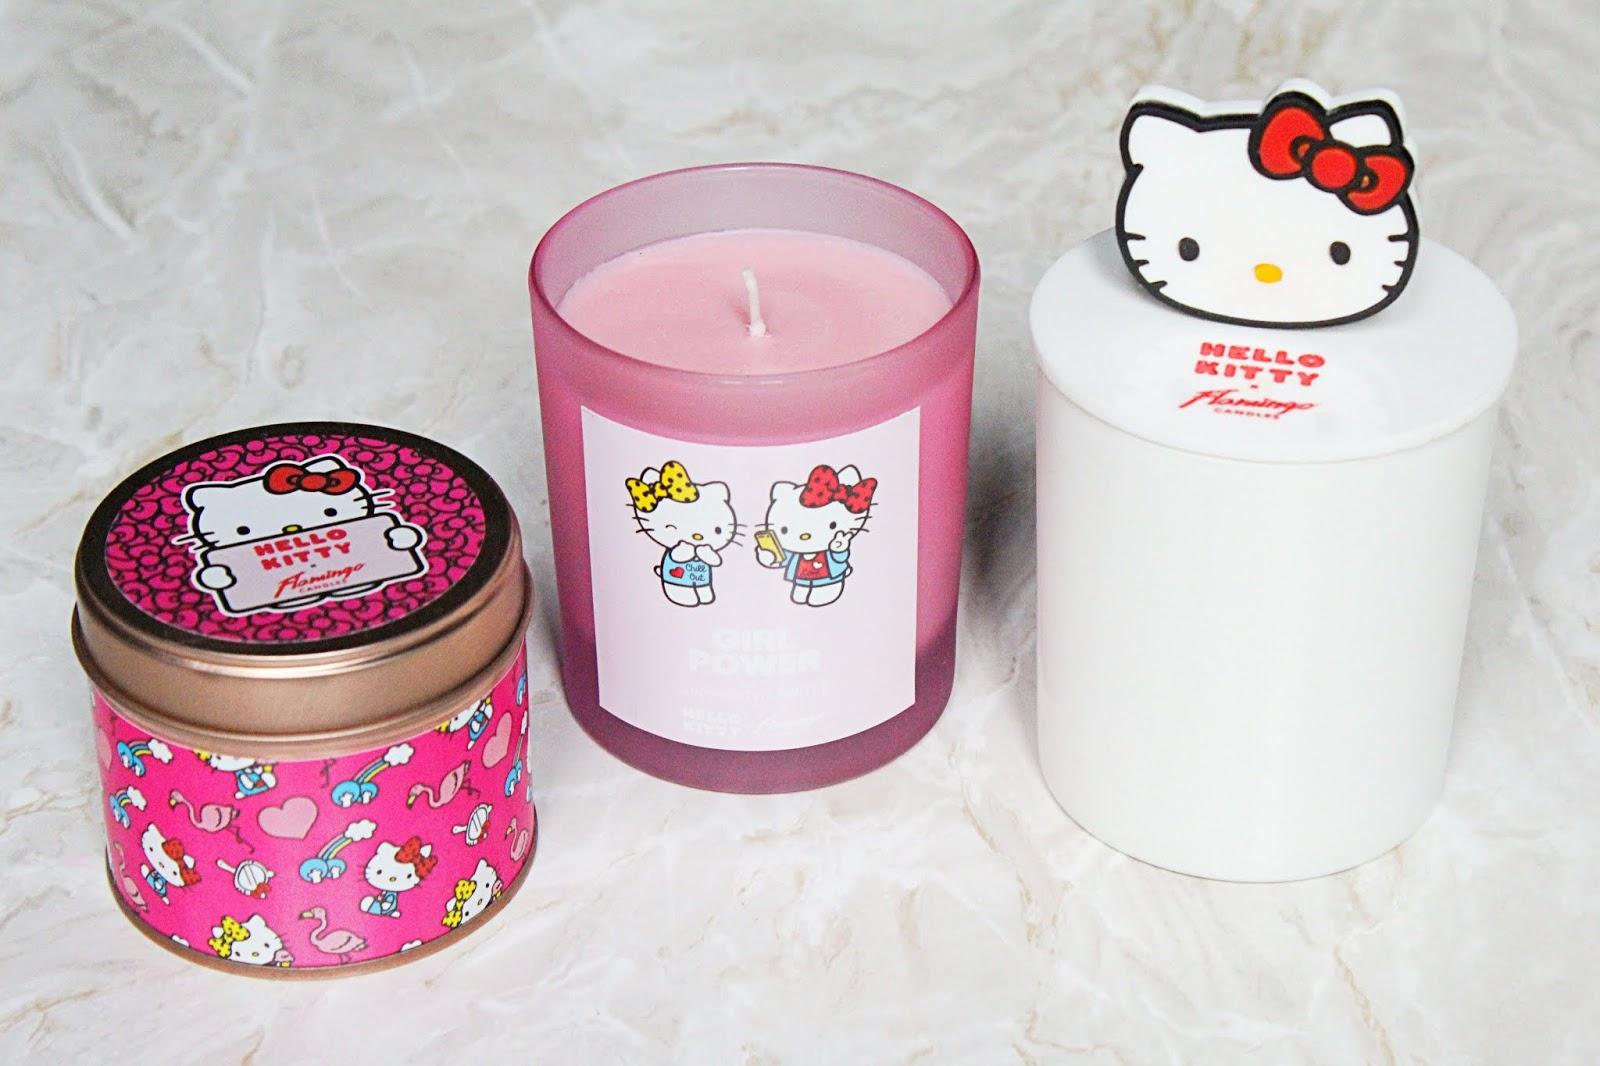 Flamingo Candles x Hello Kitty